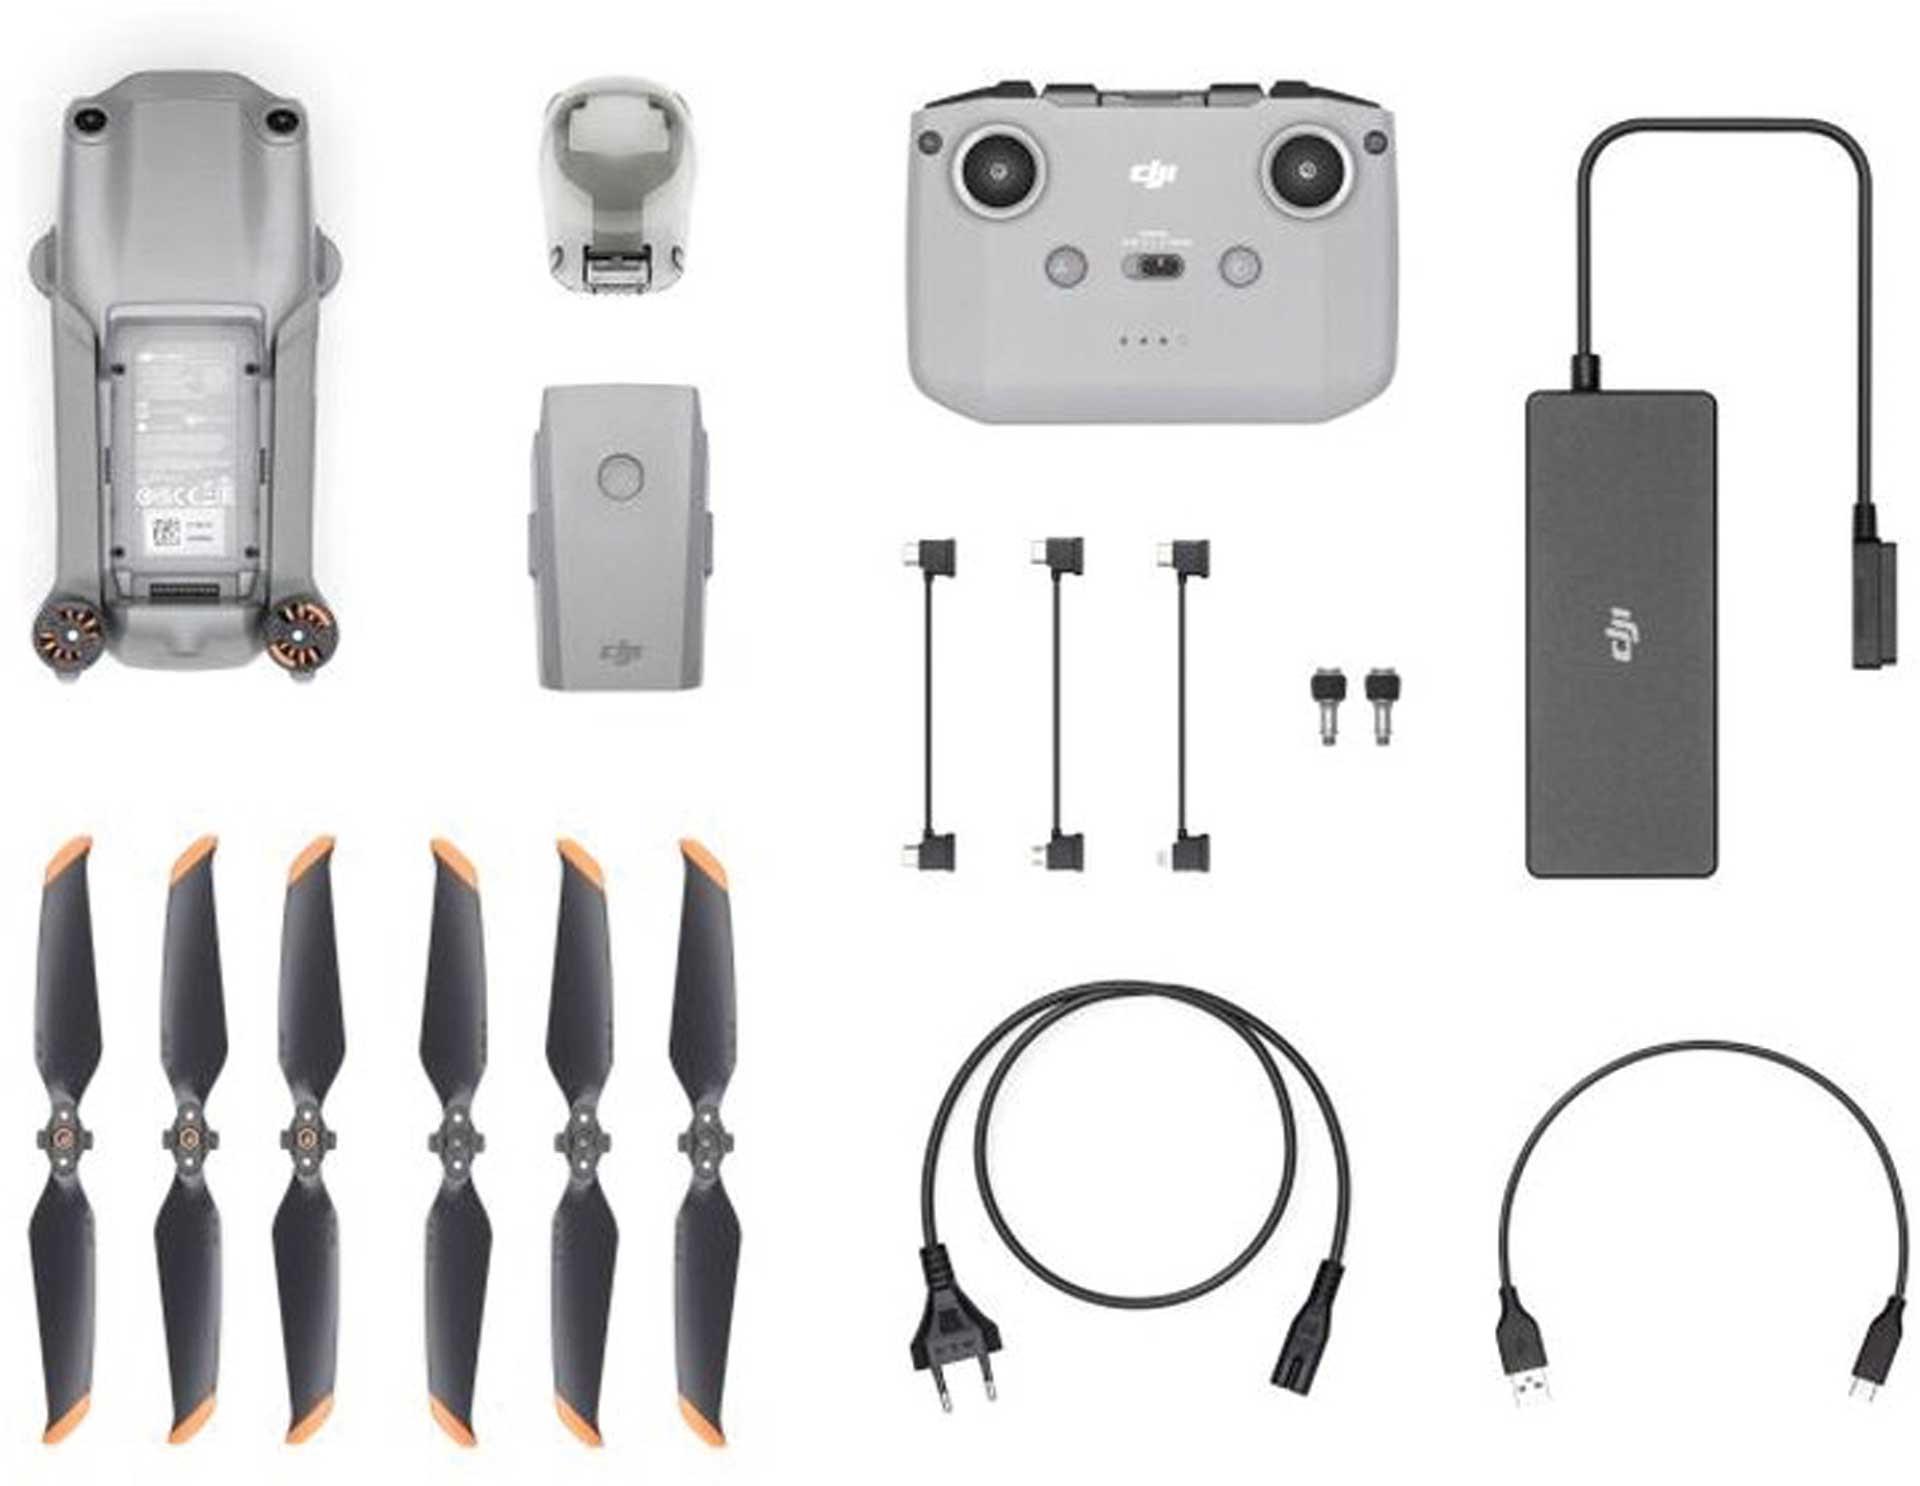 DJI AIR 2S Drohne 5,4K Video